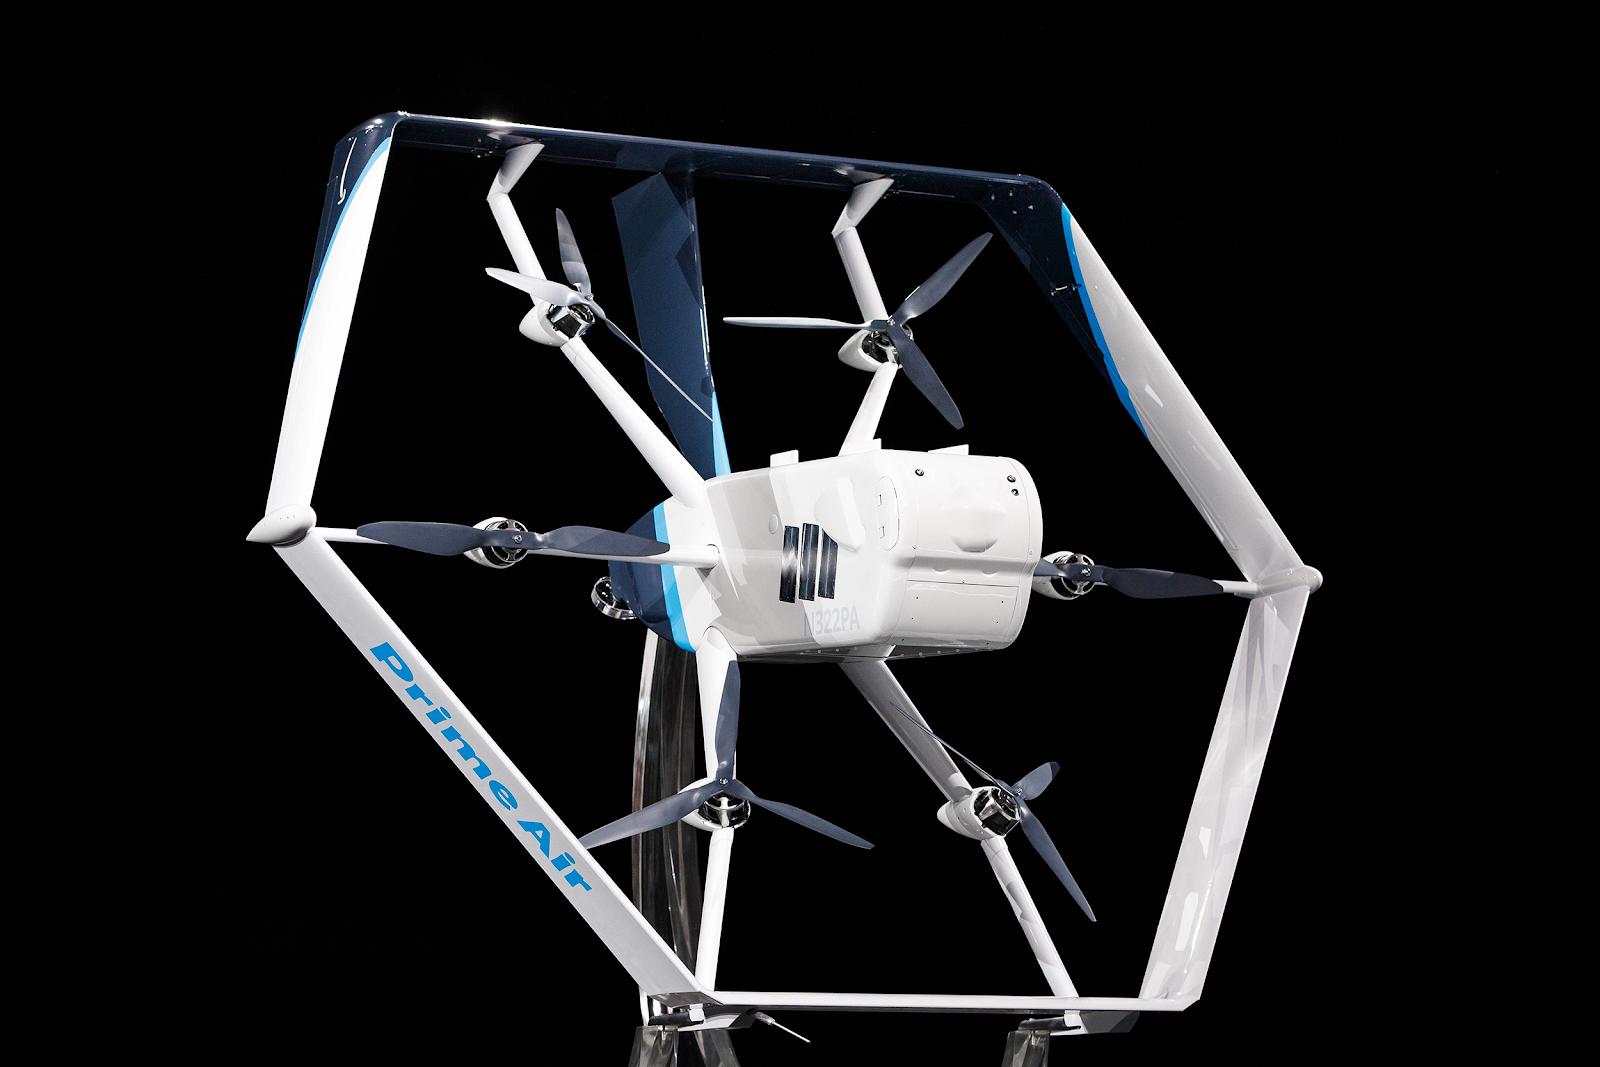 Amazon Prime drone delivery